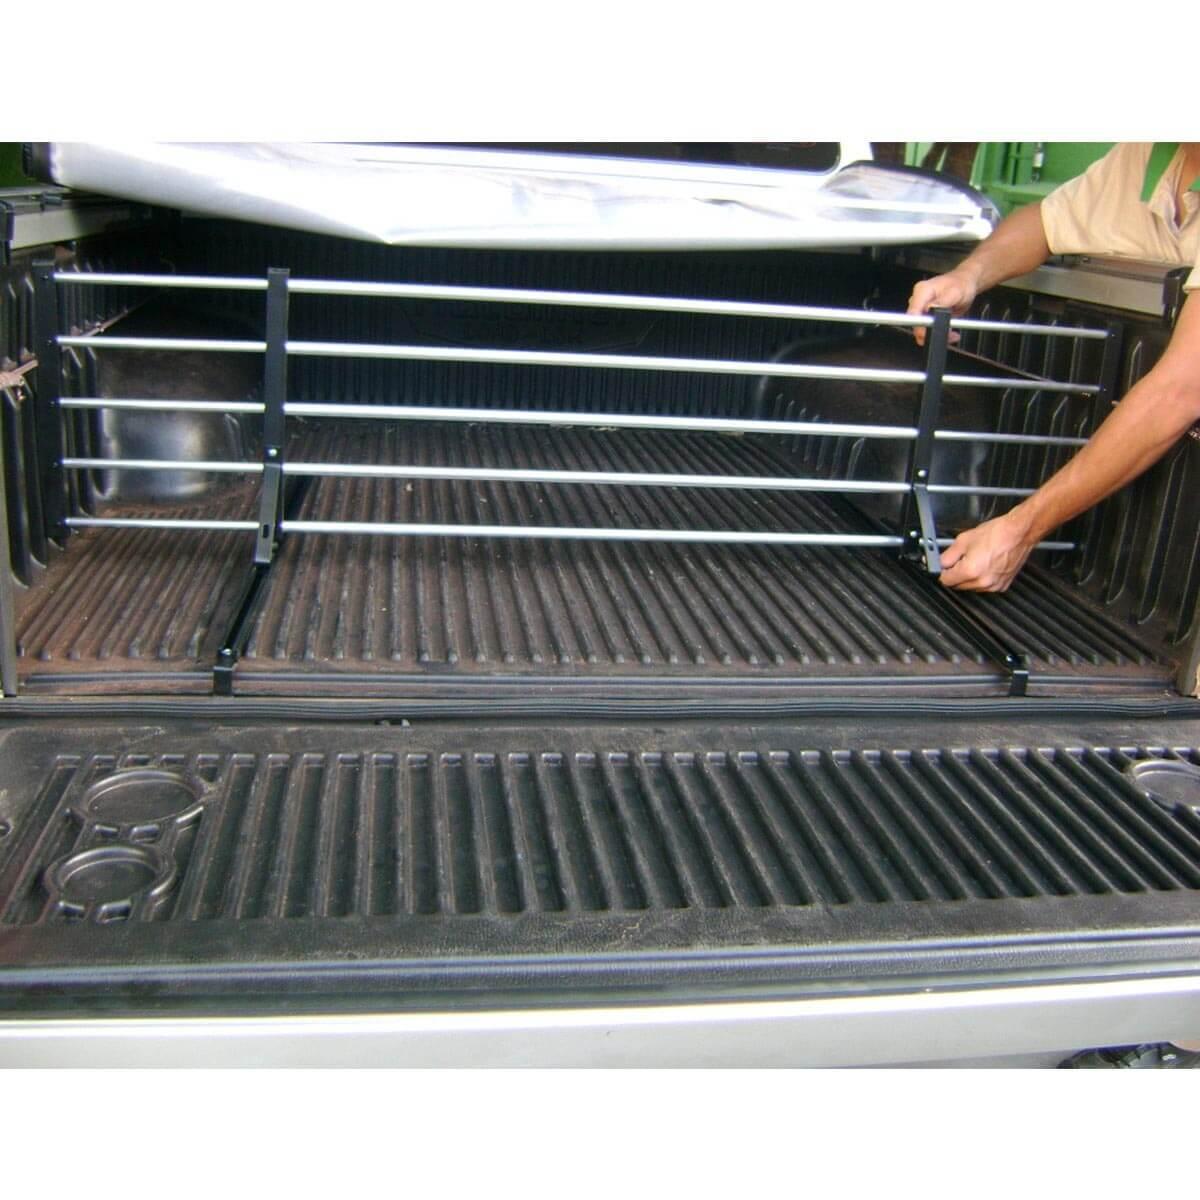 Divisor separador de cargas caçamba Saveiro 2010 a 2021